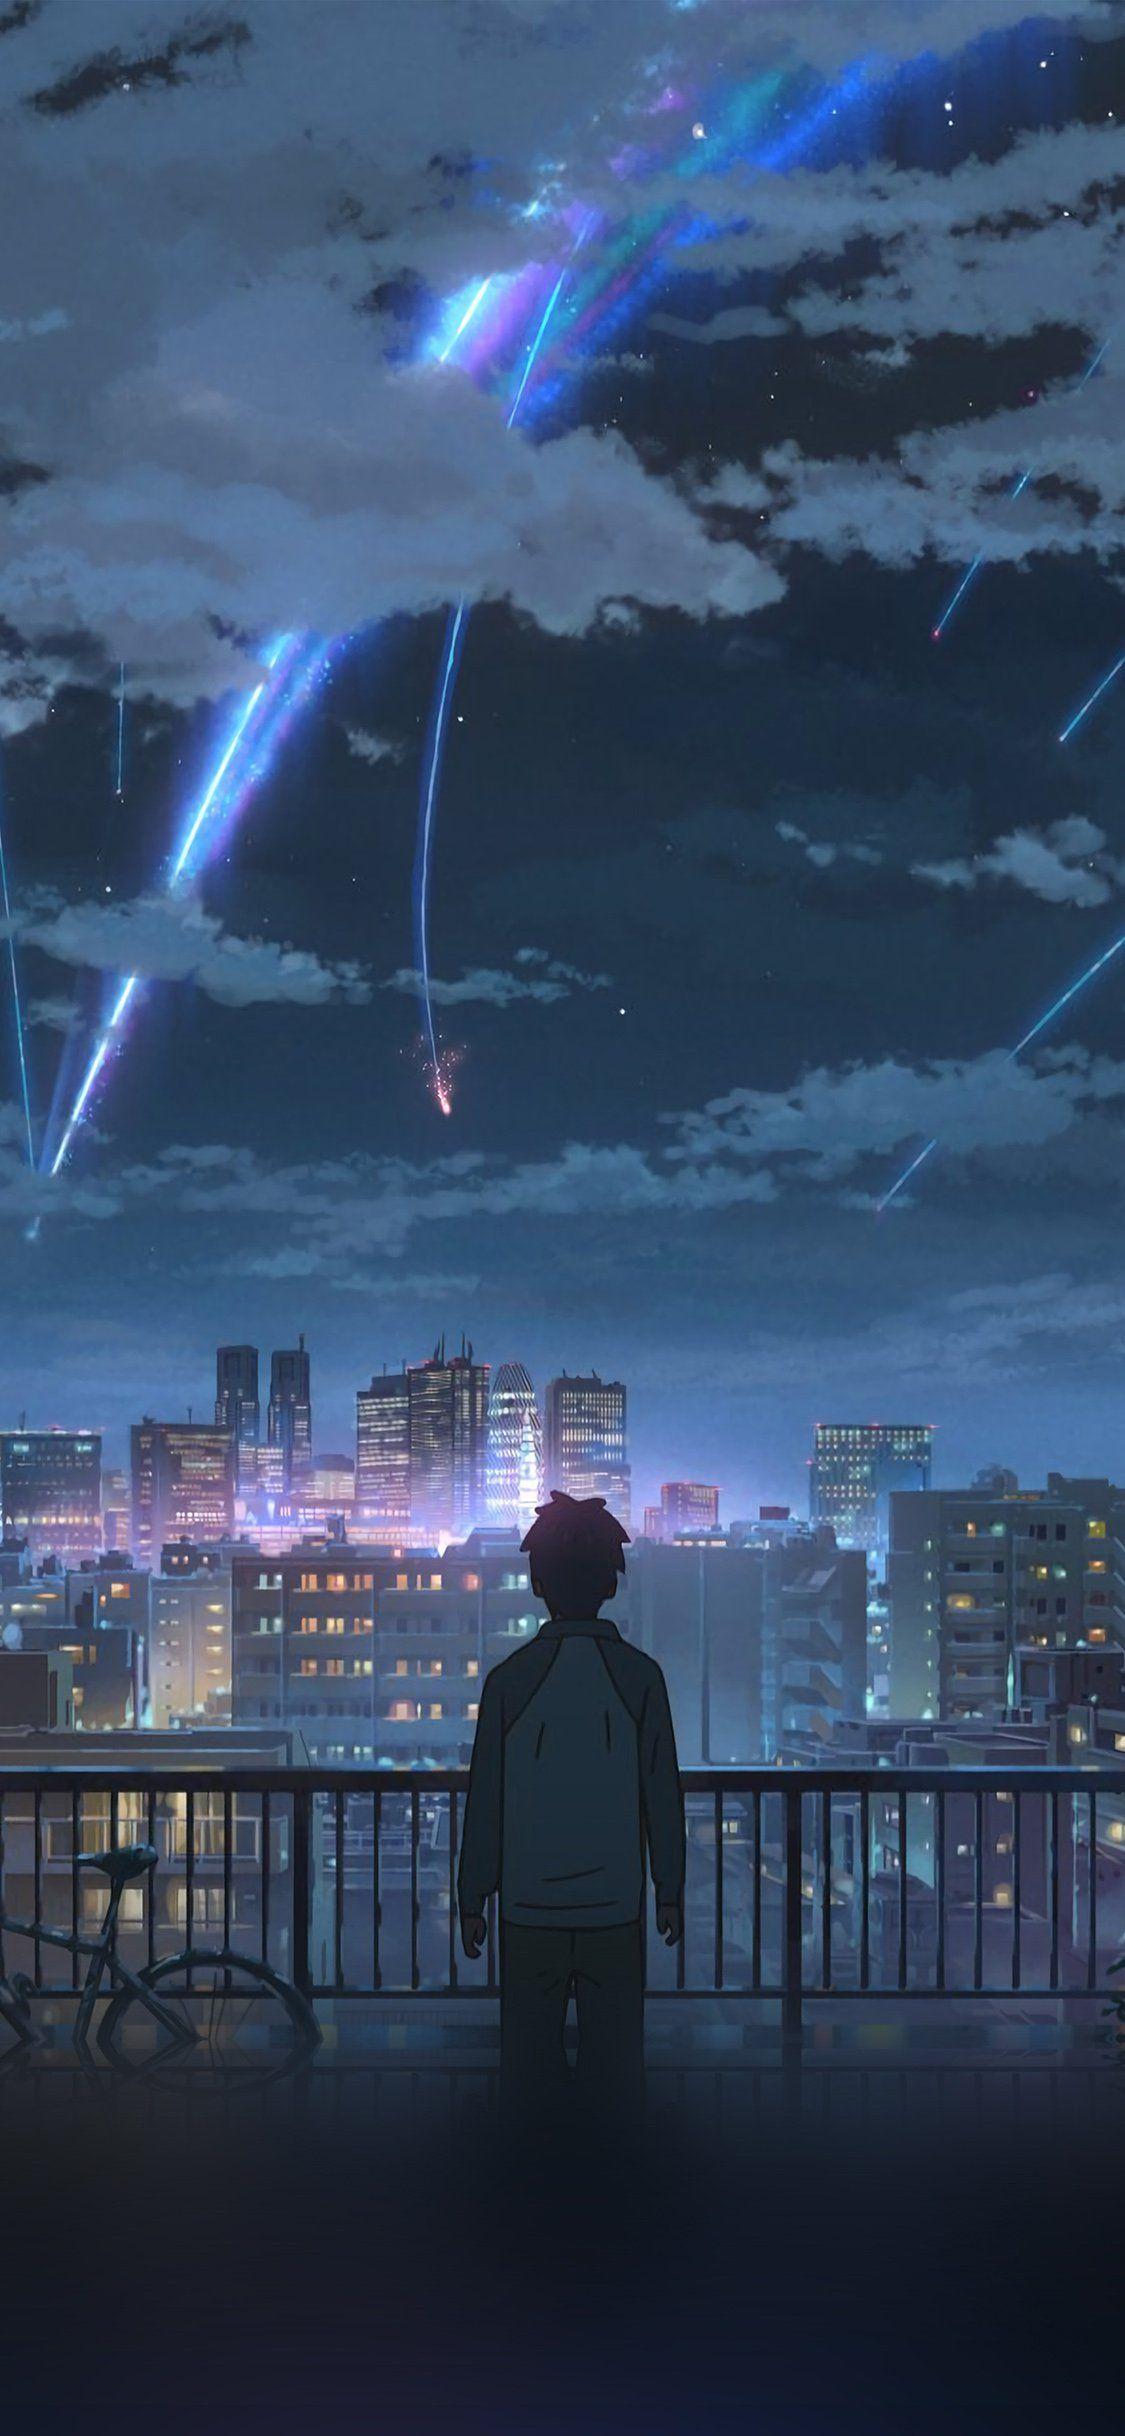 Anime Wallpaper 4k Iphone Xr